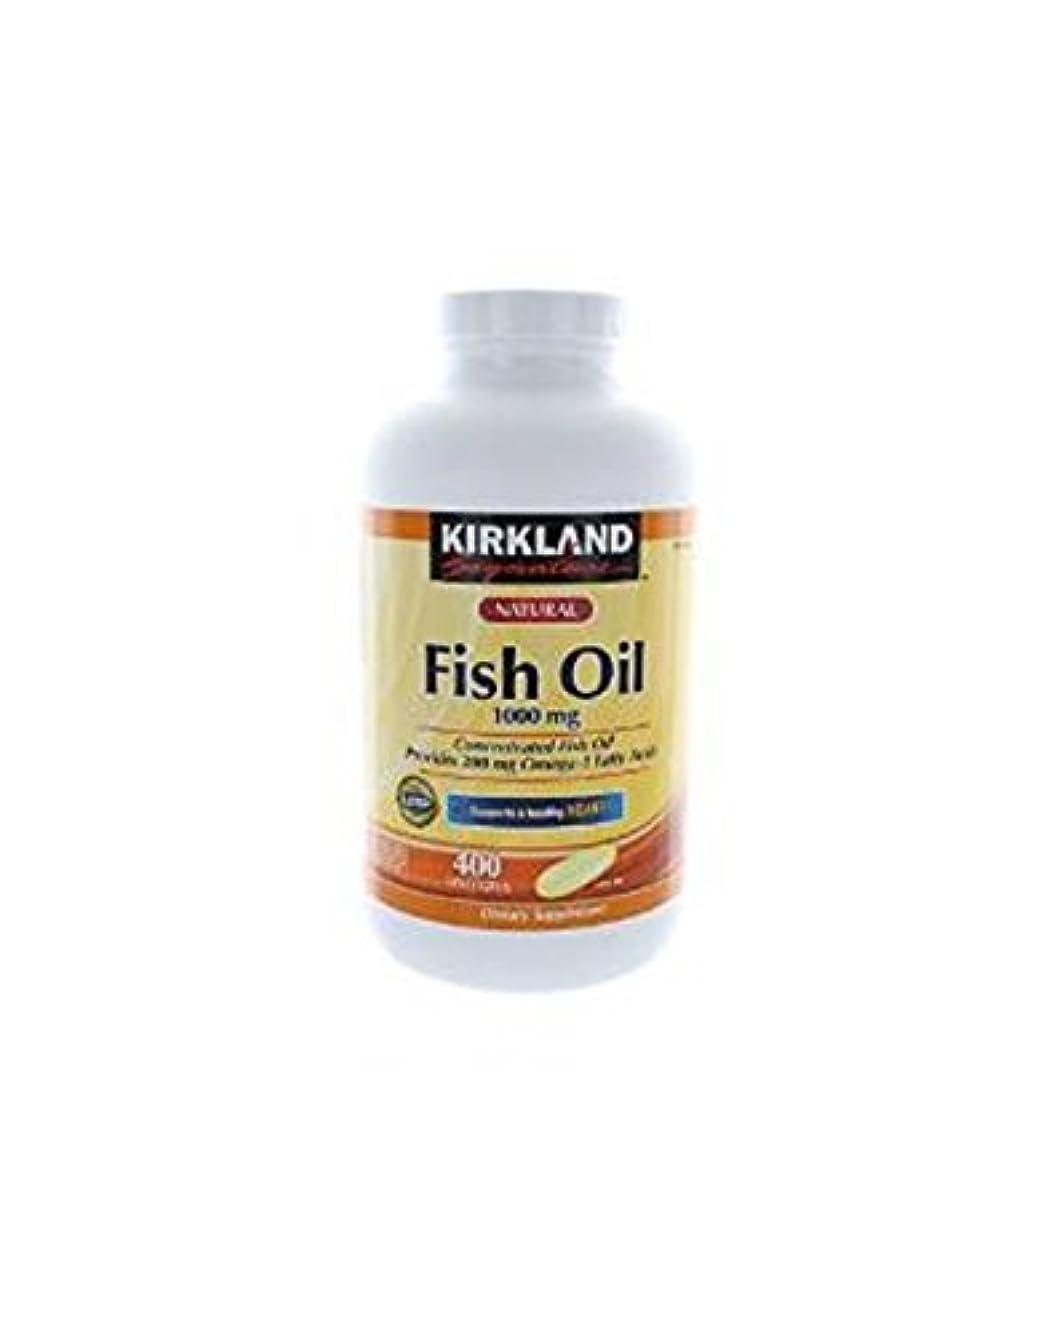 不愉快否定するラブKirkland Signature Omega-3 Fish Oil Concentrate, 400 Softgels, 1000 mg Fish Oil with 30% Omega-3s (300 mg) 1200...